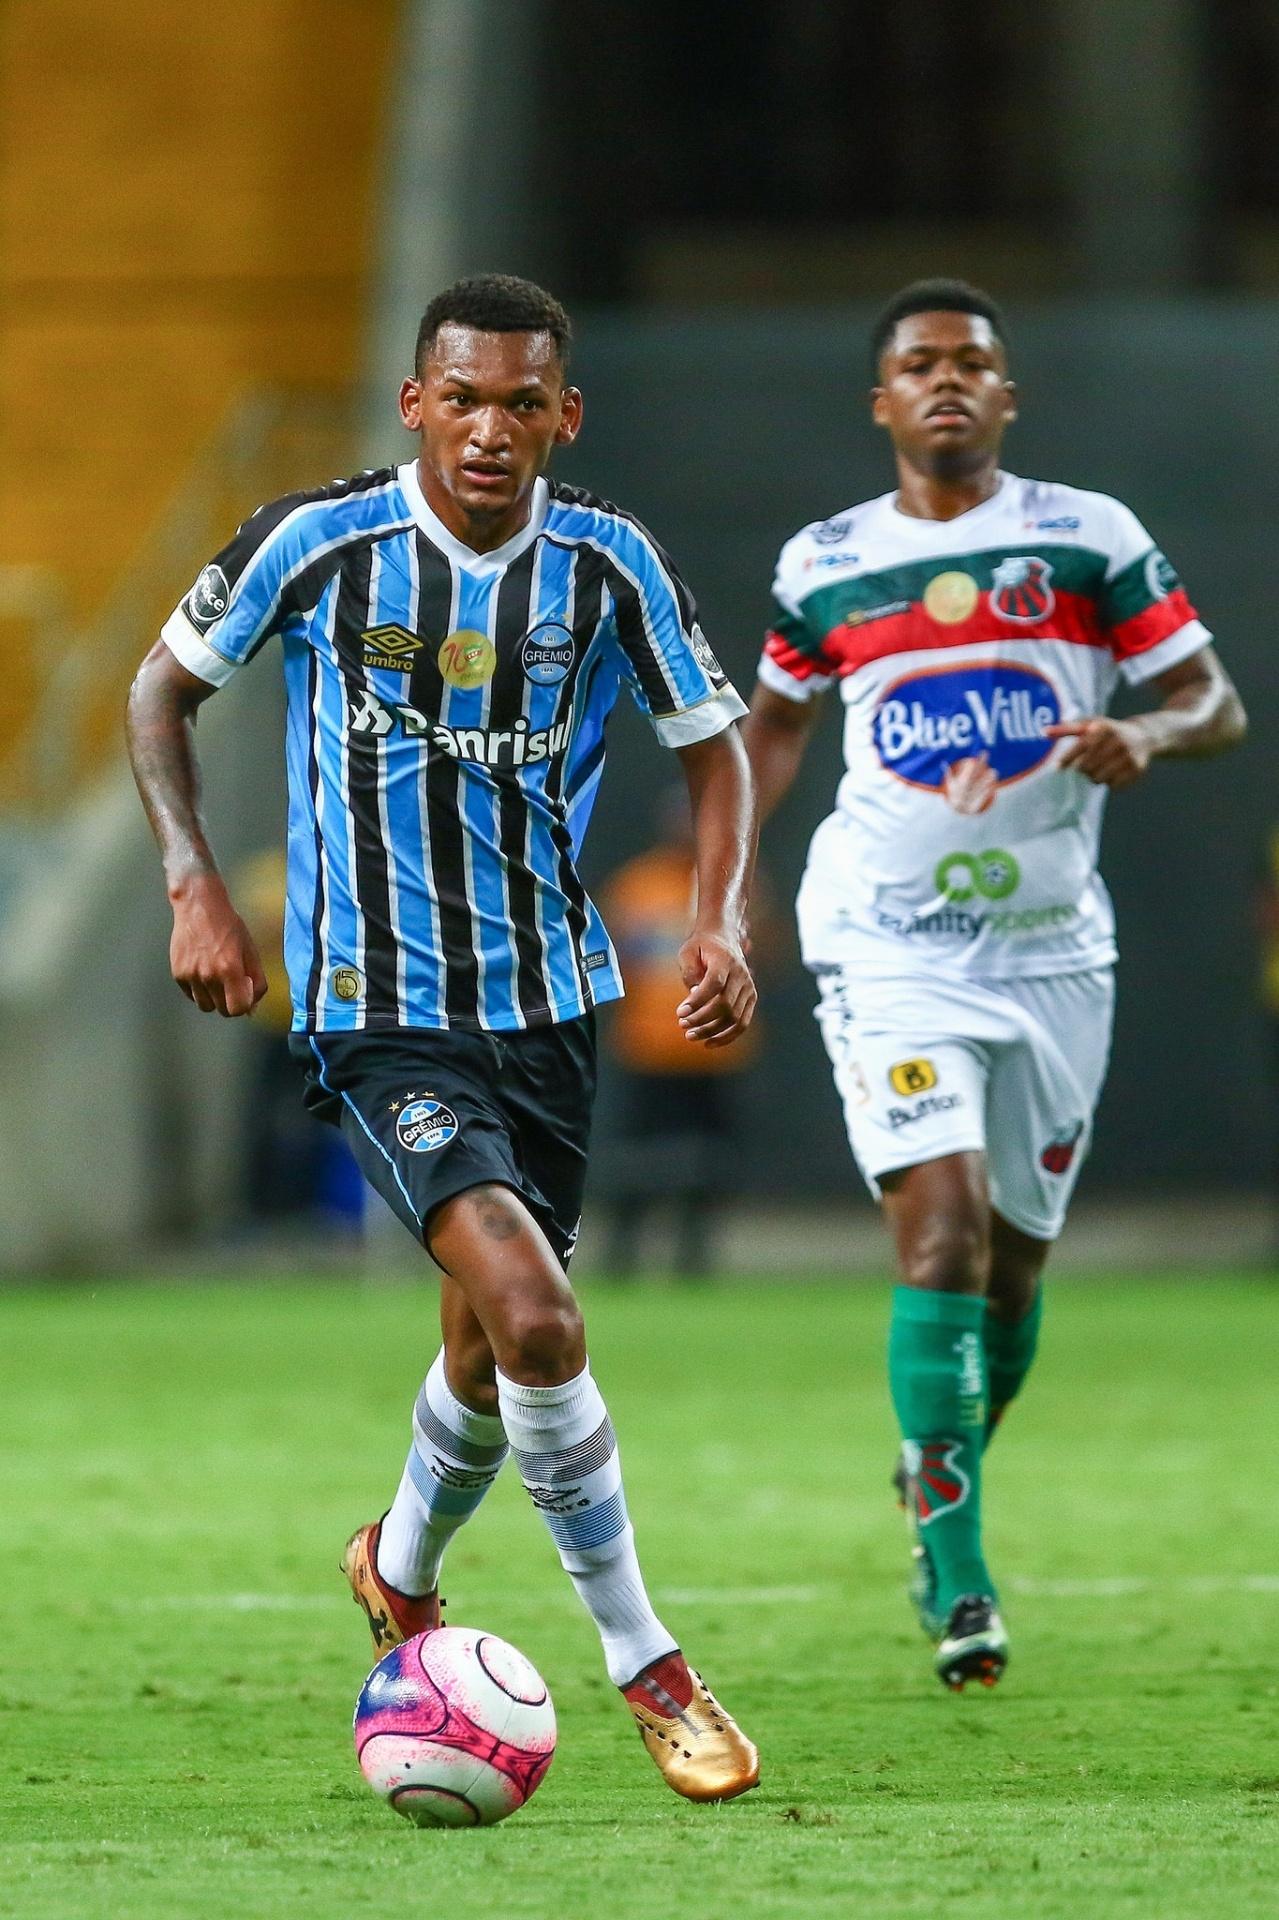 Grêmio cita jovens e não vê necessidade de reposição a Jailson - 11 06 2018  - UOL Esporte f0d1430d2db40